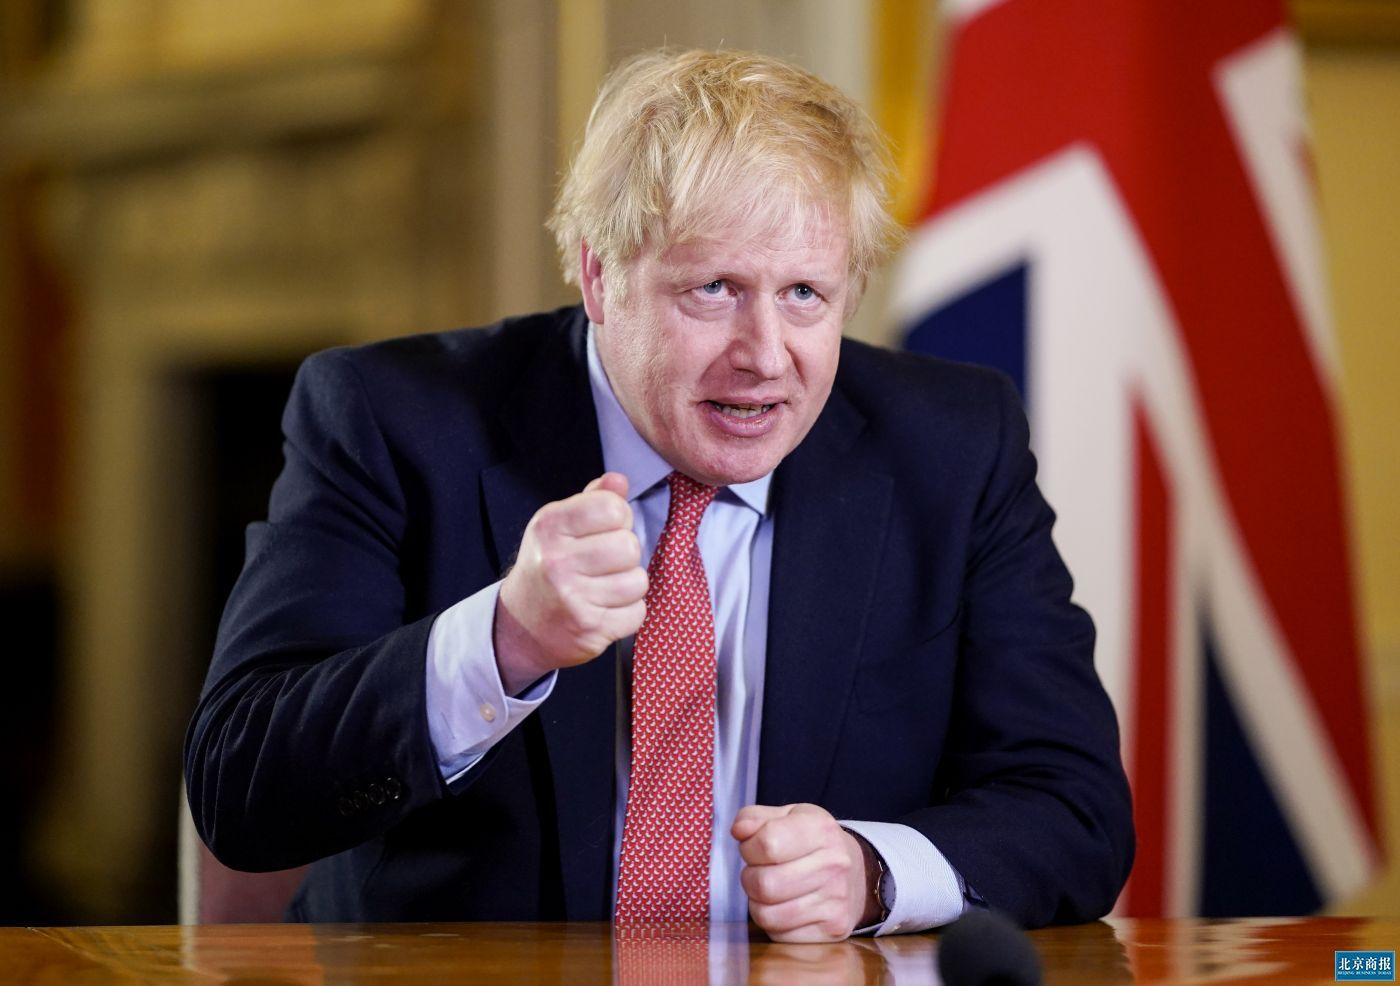 英国首相鲍里斯·约翰逊病情恶化封面